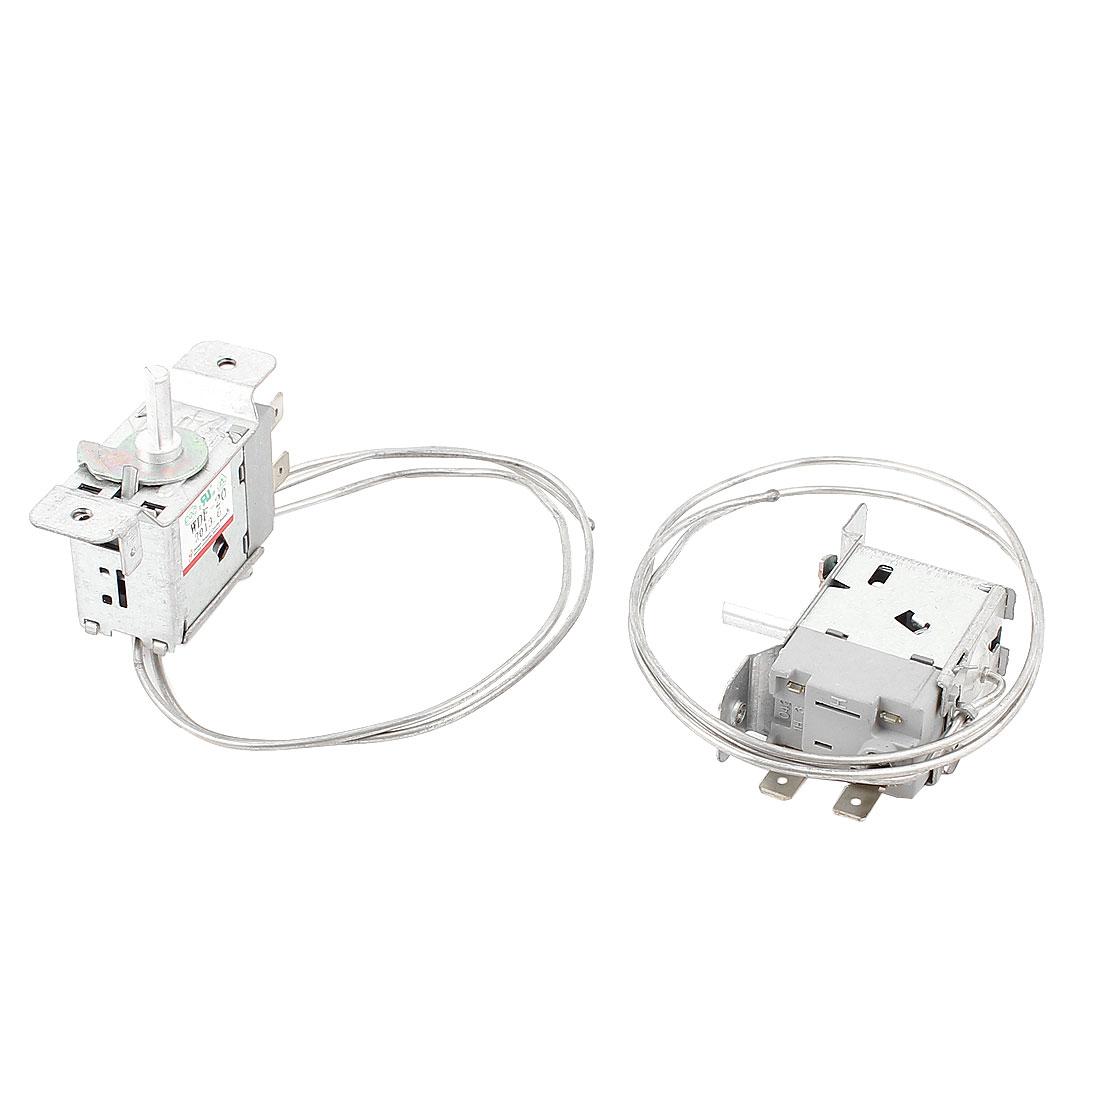 2 Pcs 70cm Length Metal Cord Temperature Control Fridge Attemperator AC 250V 5A